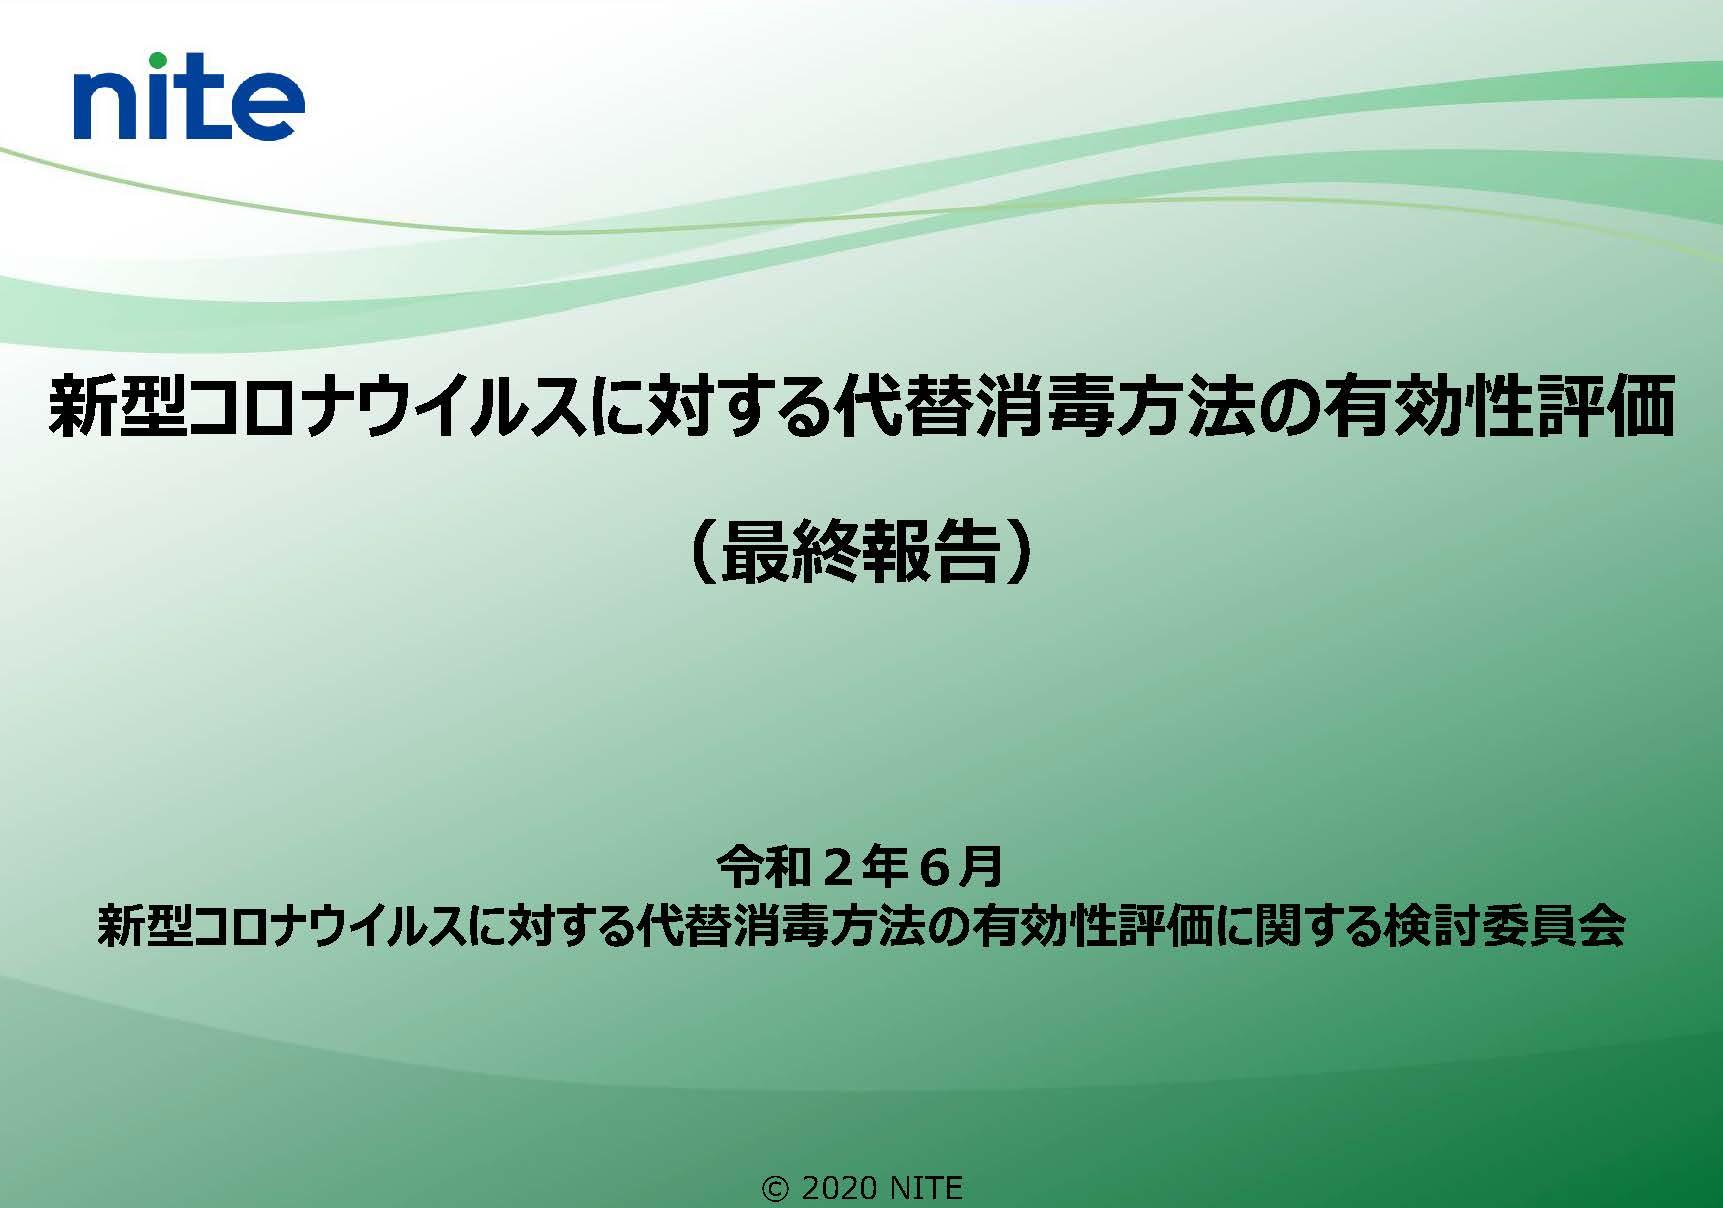 NITE報道発表資料より